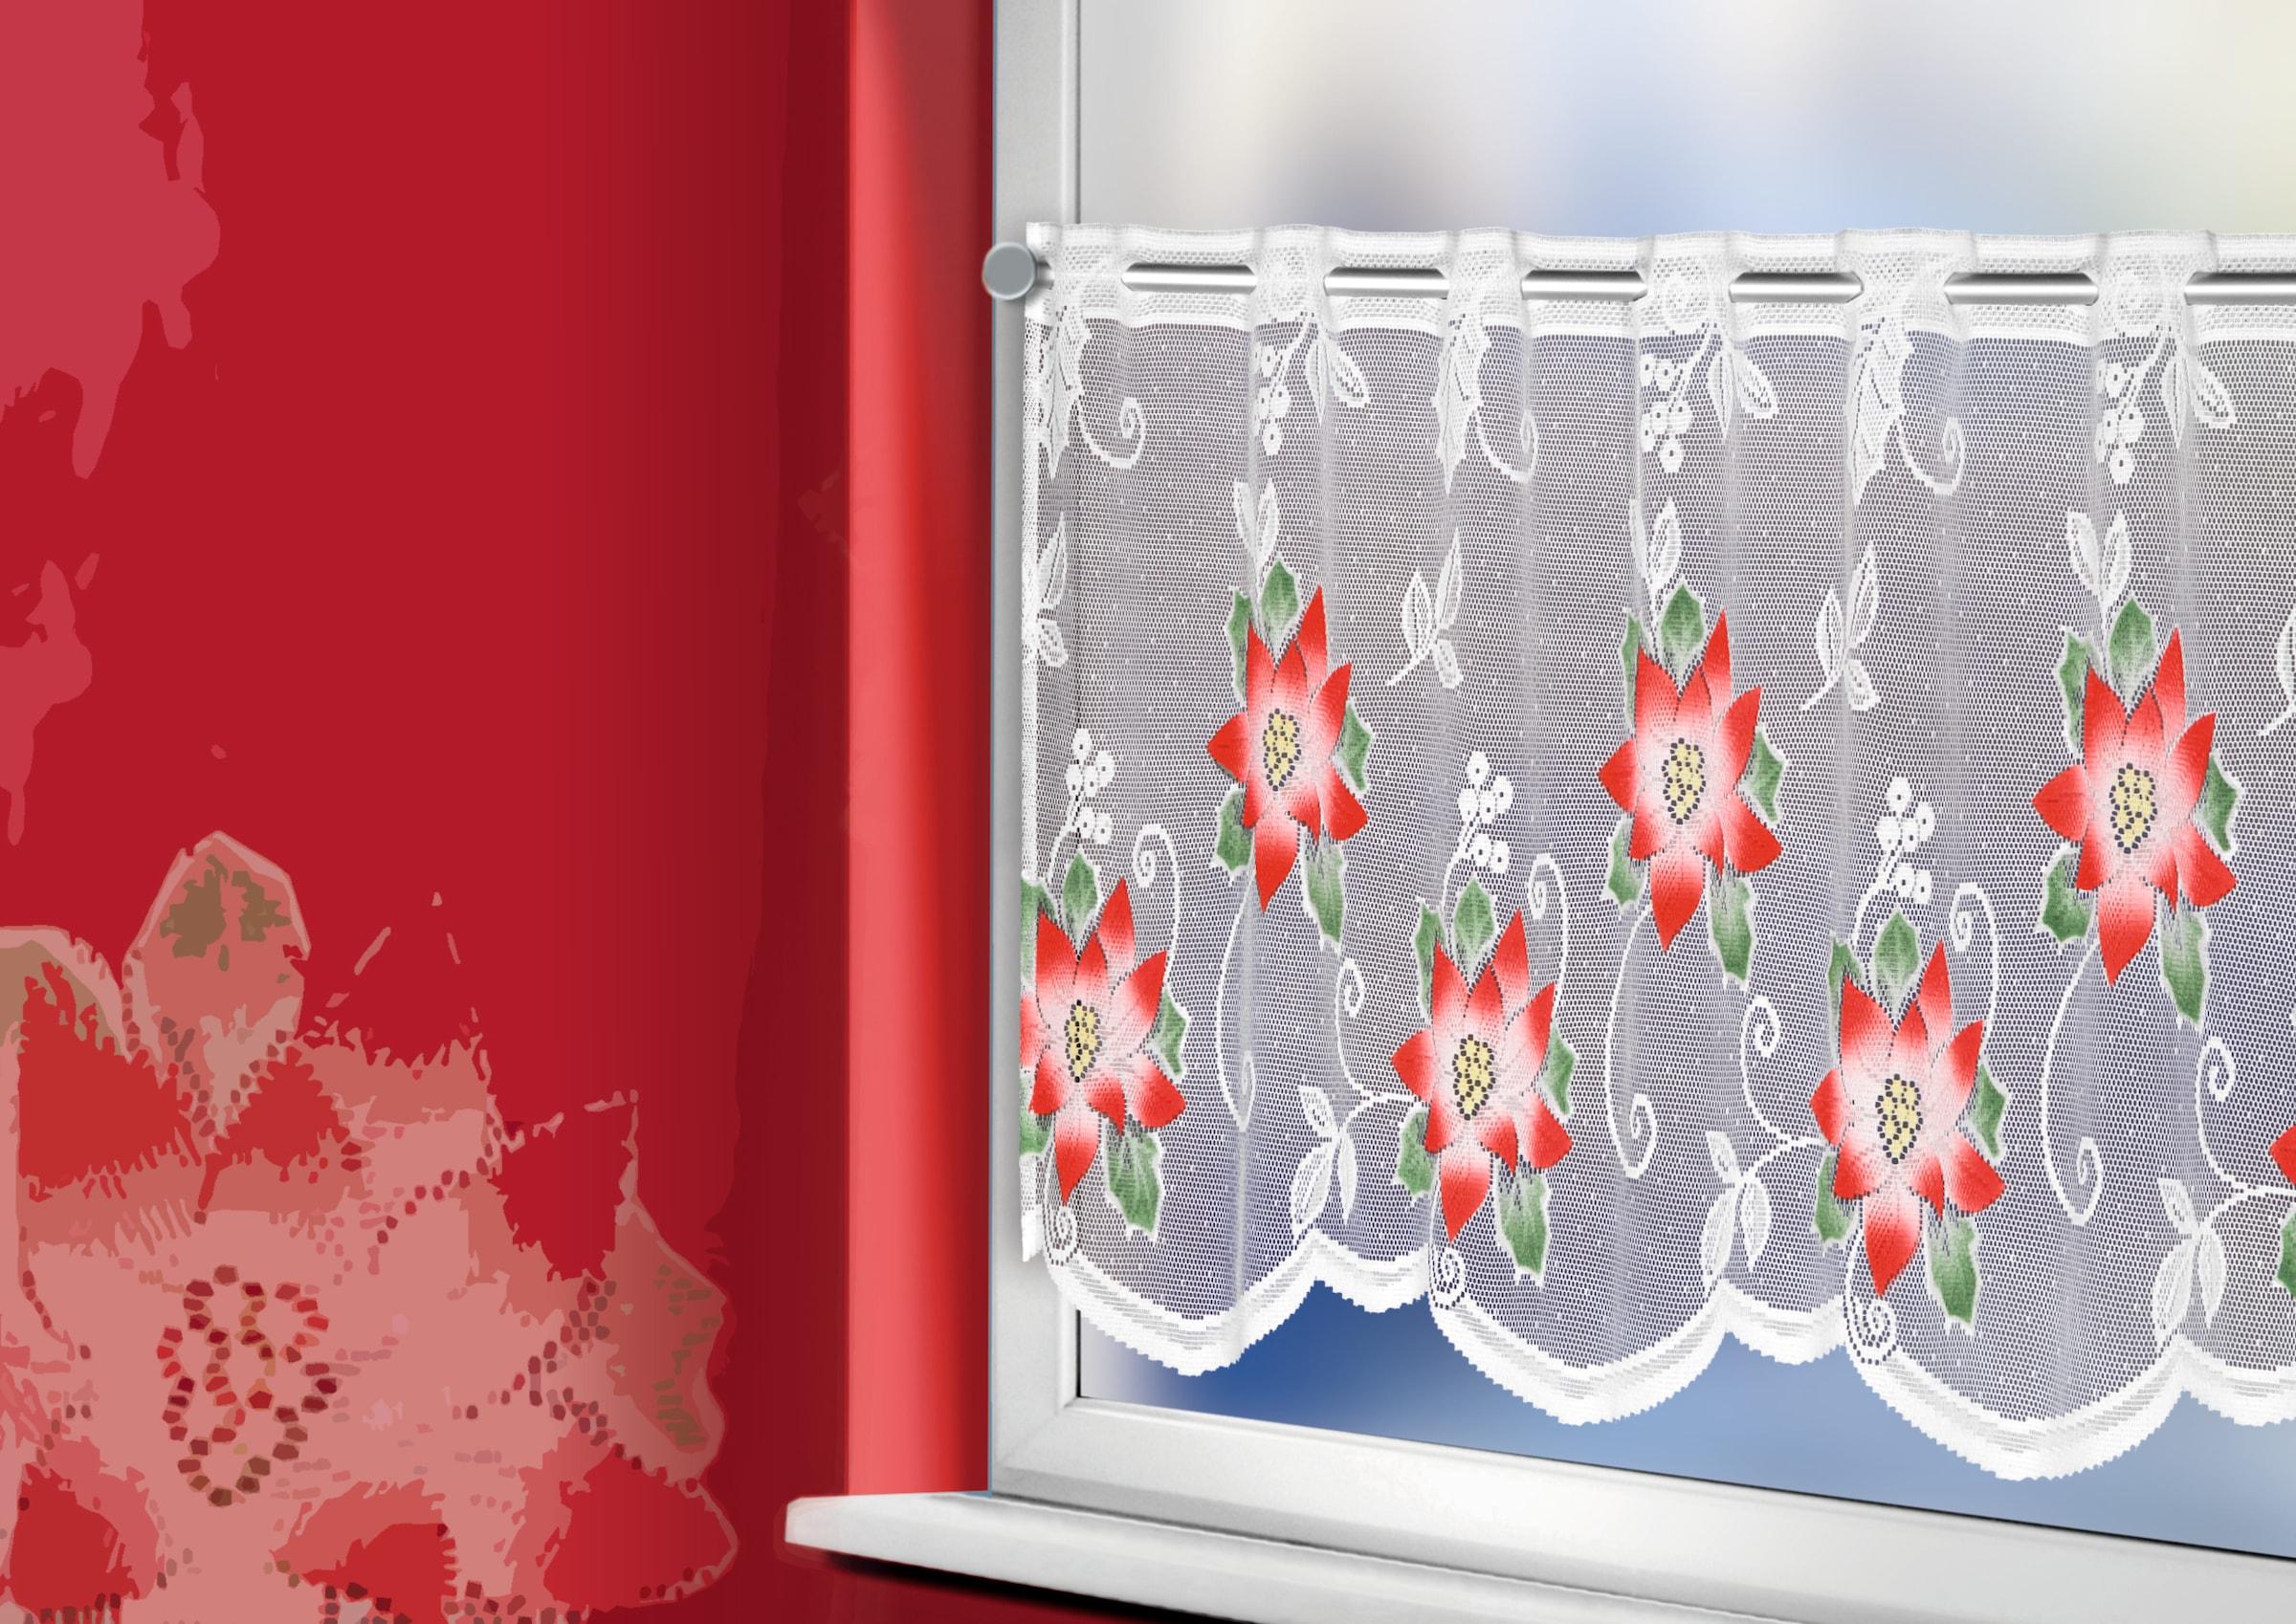 Image of Panneaux, »Weihnachtsstern«, Albani, Stangendurchzug 1 Stück